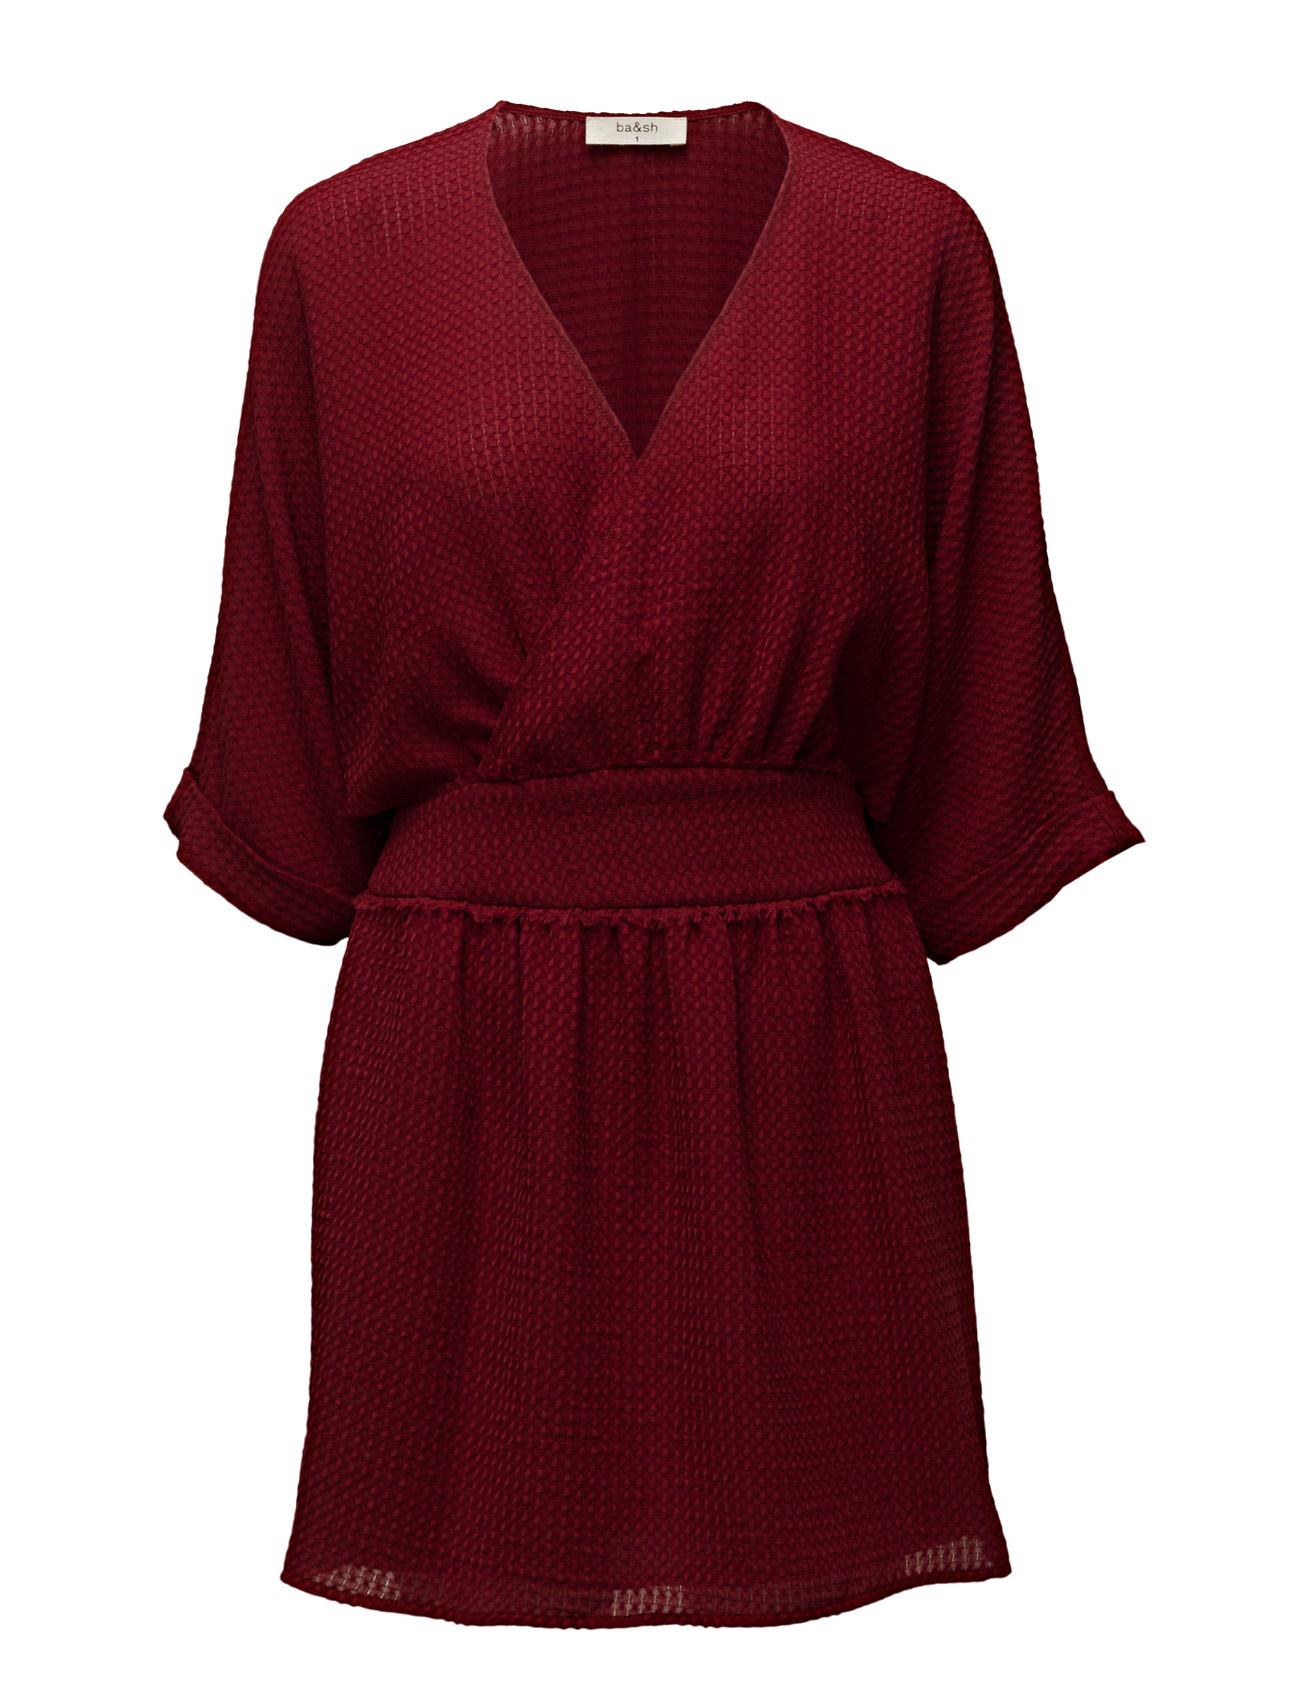 tilbud på kjoler